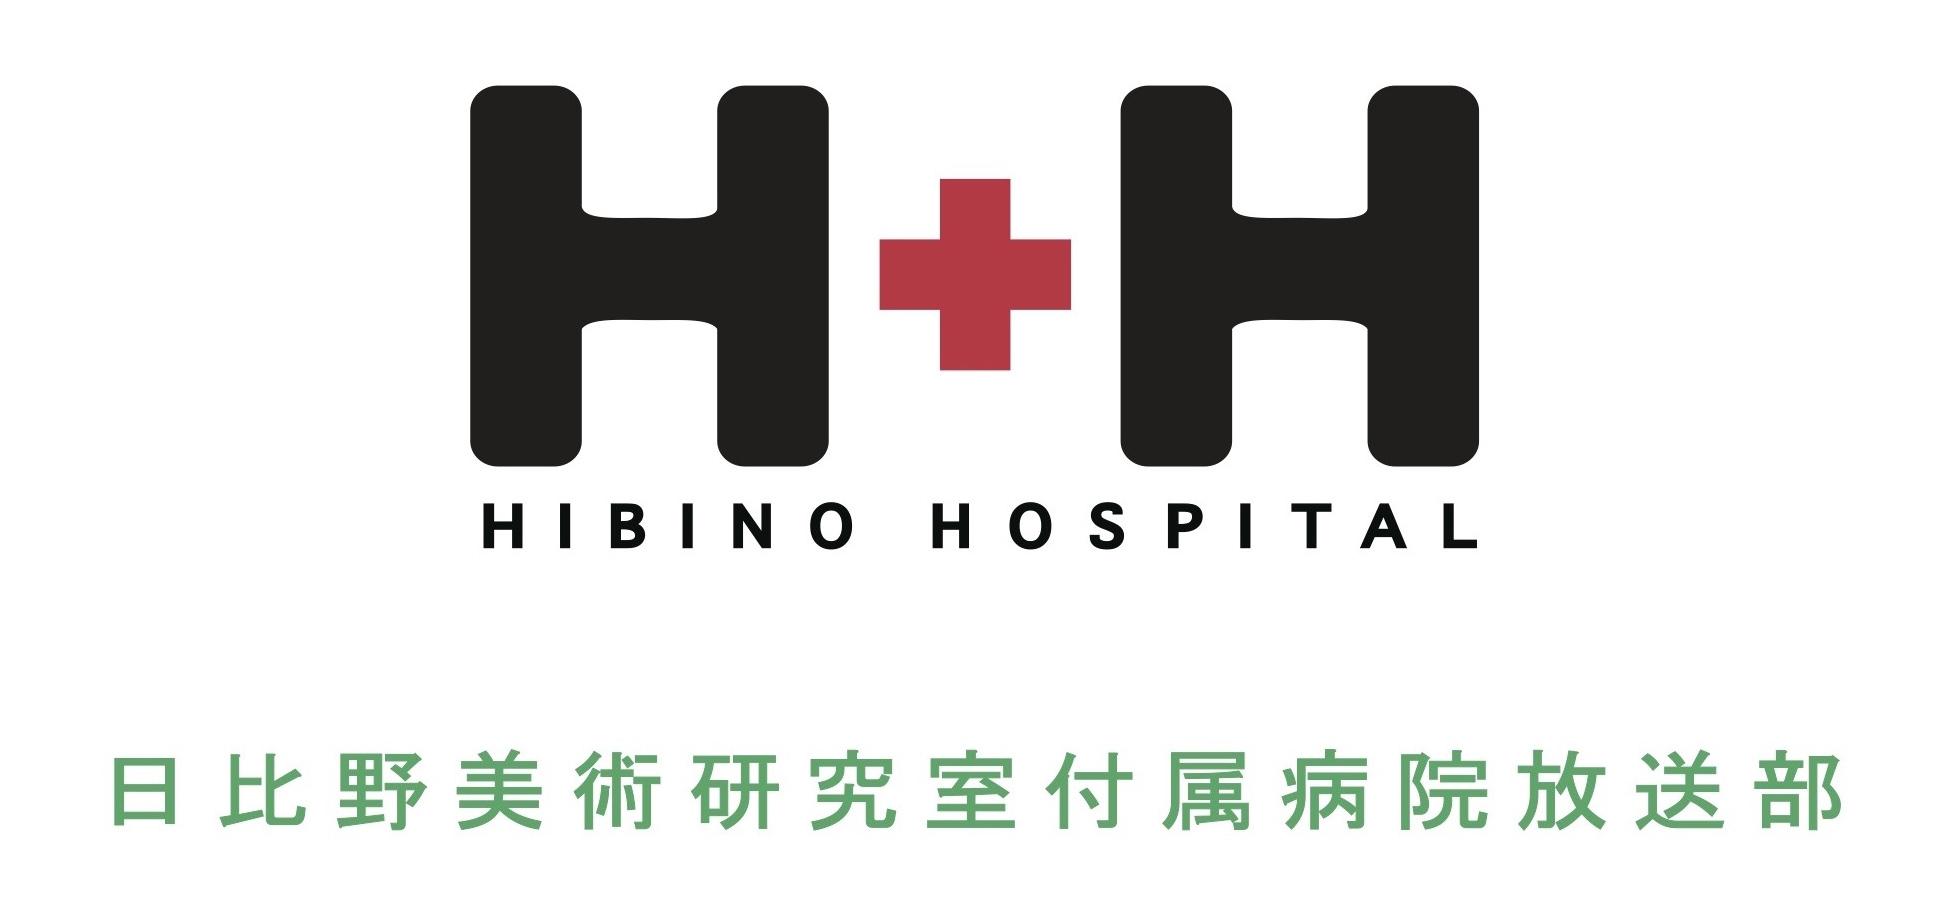 HIBINOHOSPITAL_logo_narrow_2.jpg